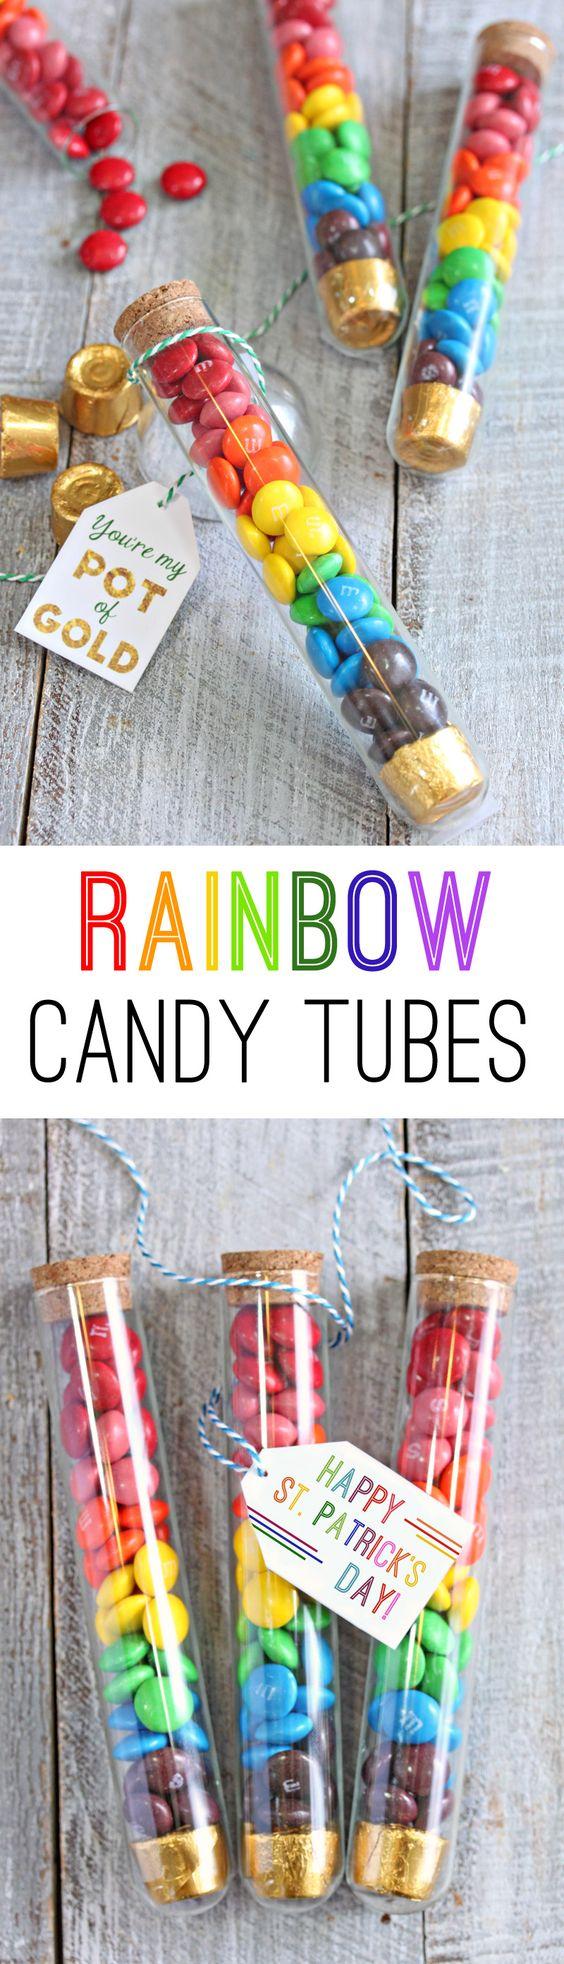 彩虹糖果管是一个有趣的圣帕特里克节礼物。用糖果填充管子,然后用可爱的礼物标签(包括可打印的文件)完成。